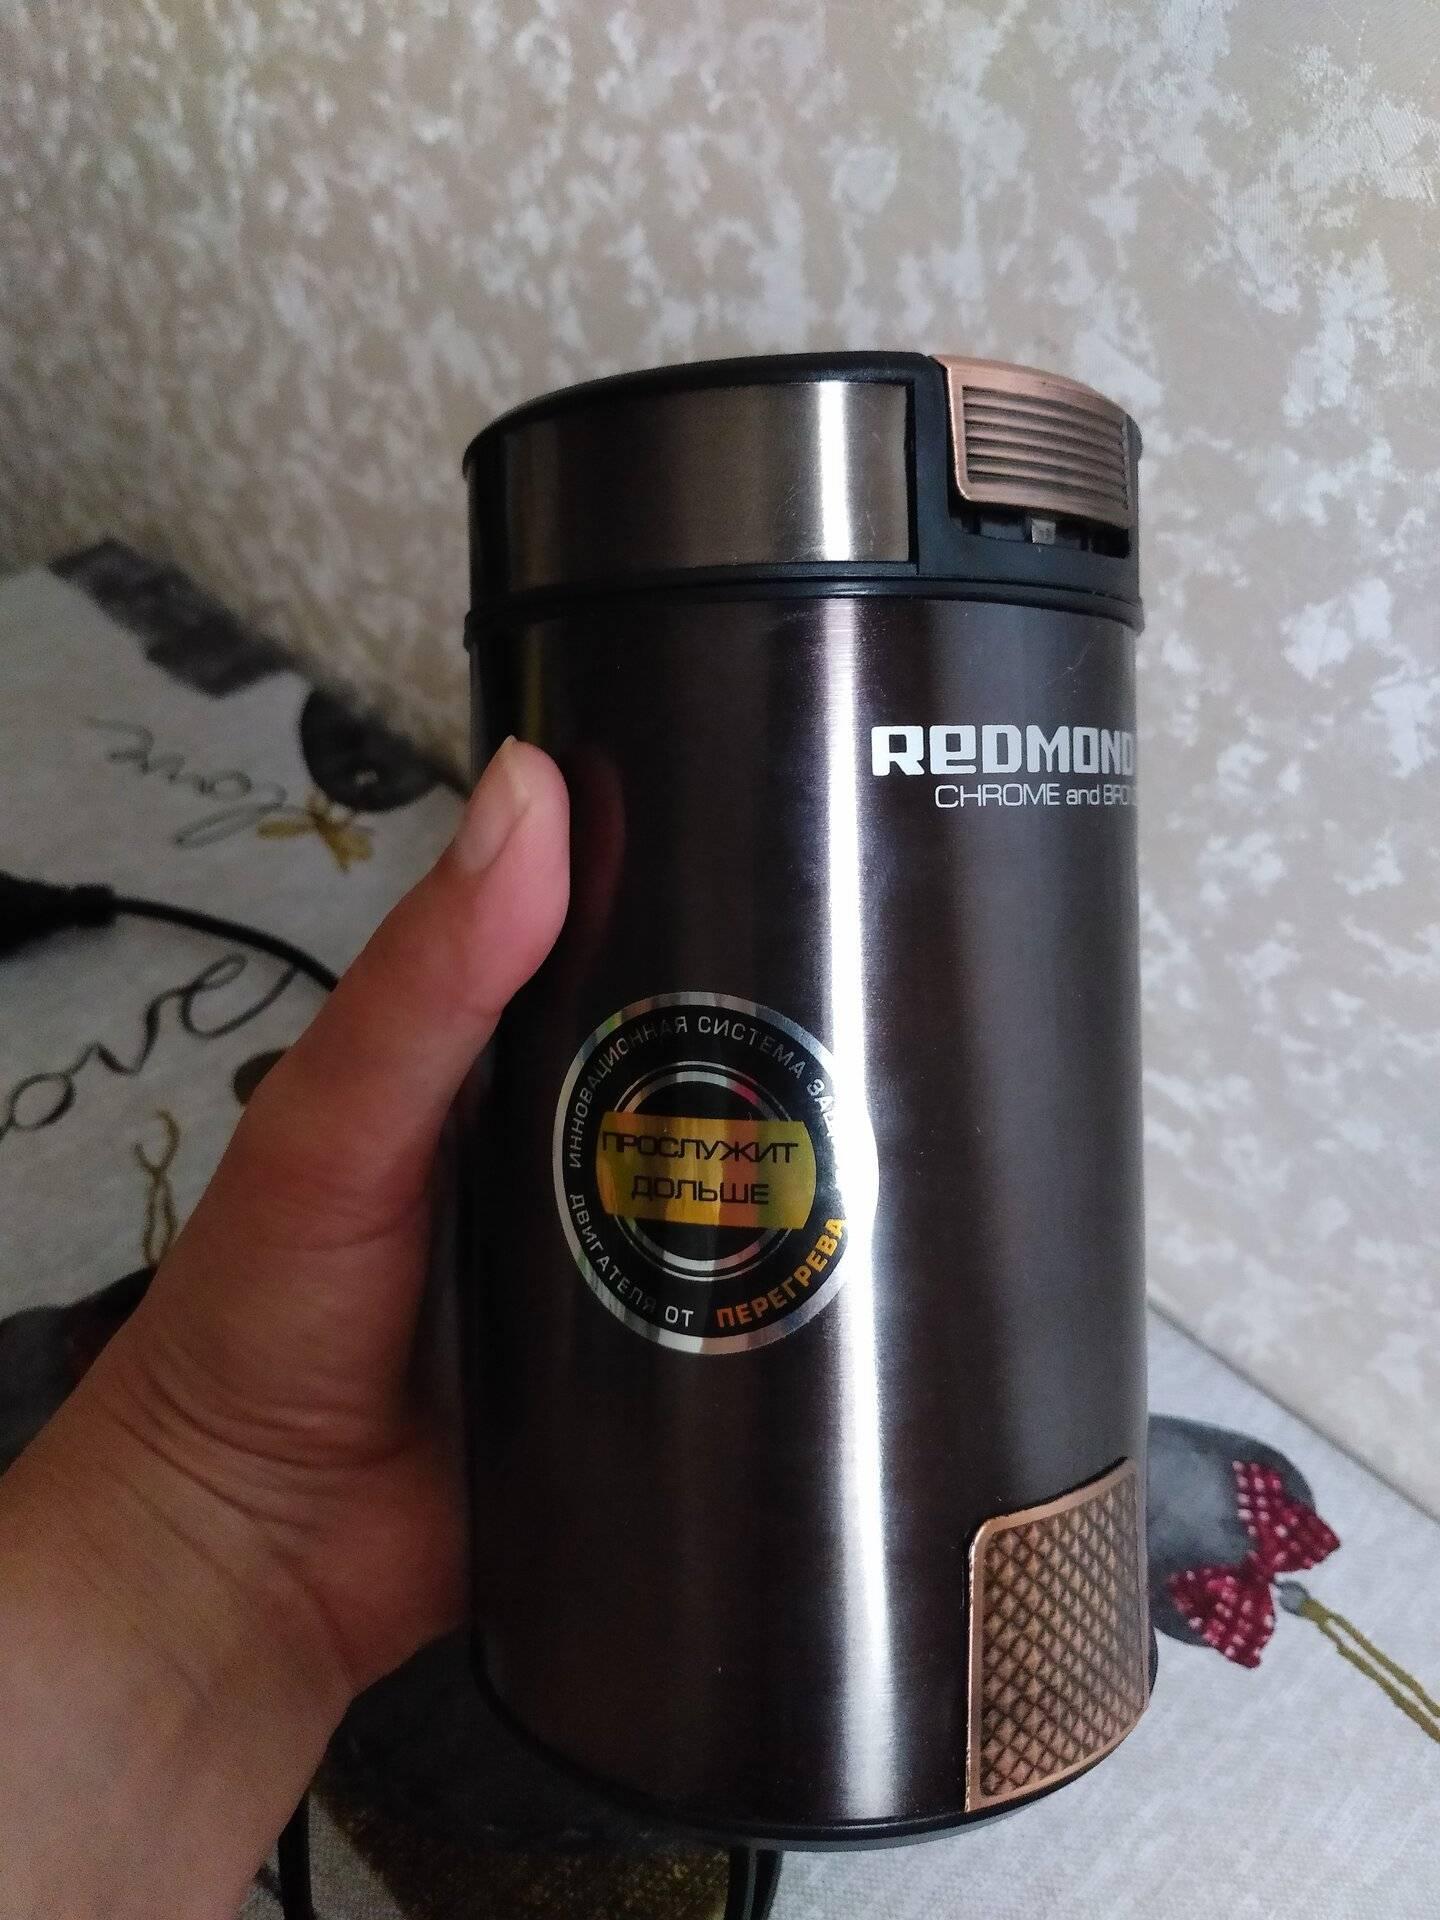 Как работает жерновая кофемолка: характеристики, виды, рекомендации по выбору